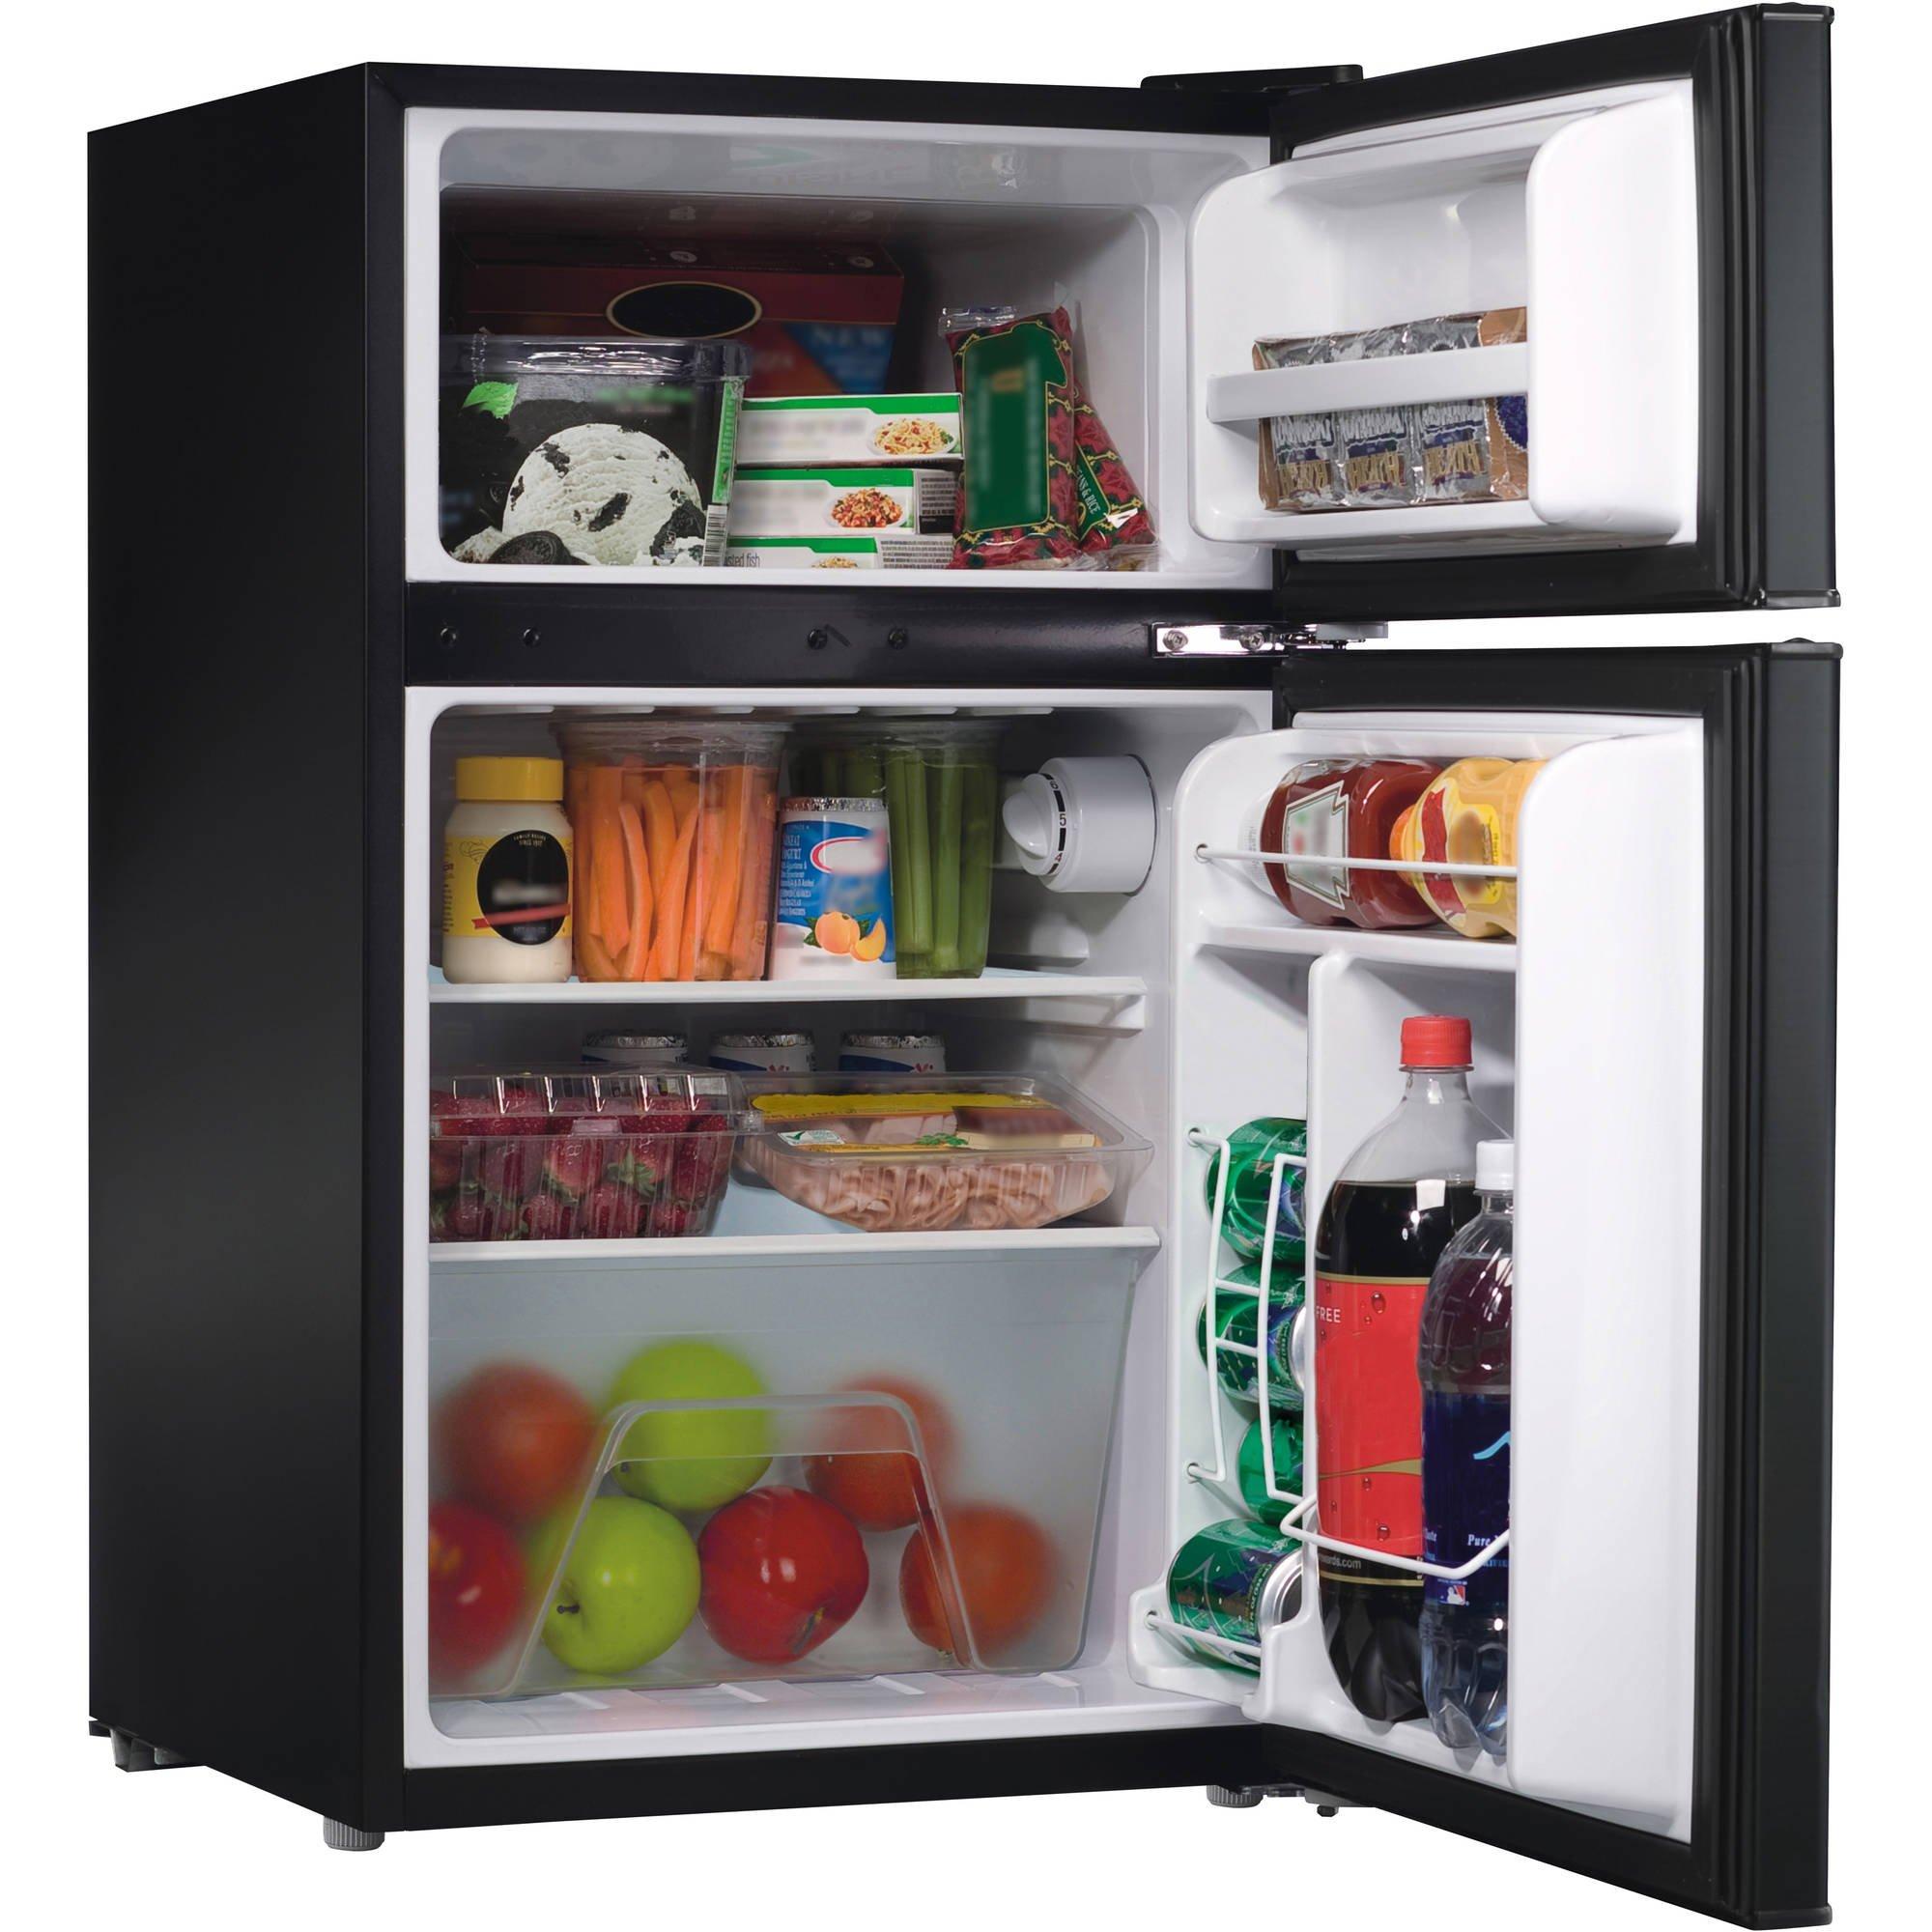 2 Door Dorm Size Refrigerator by Galanz